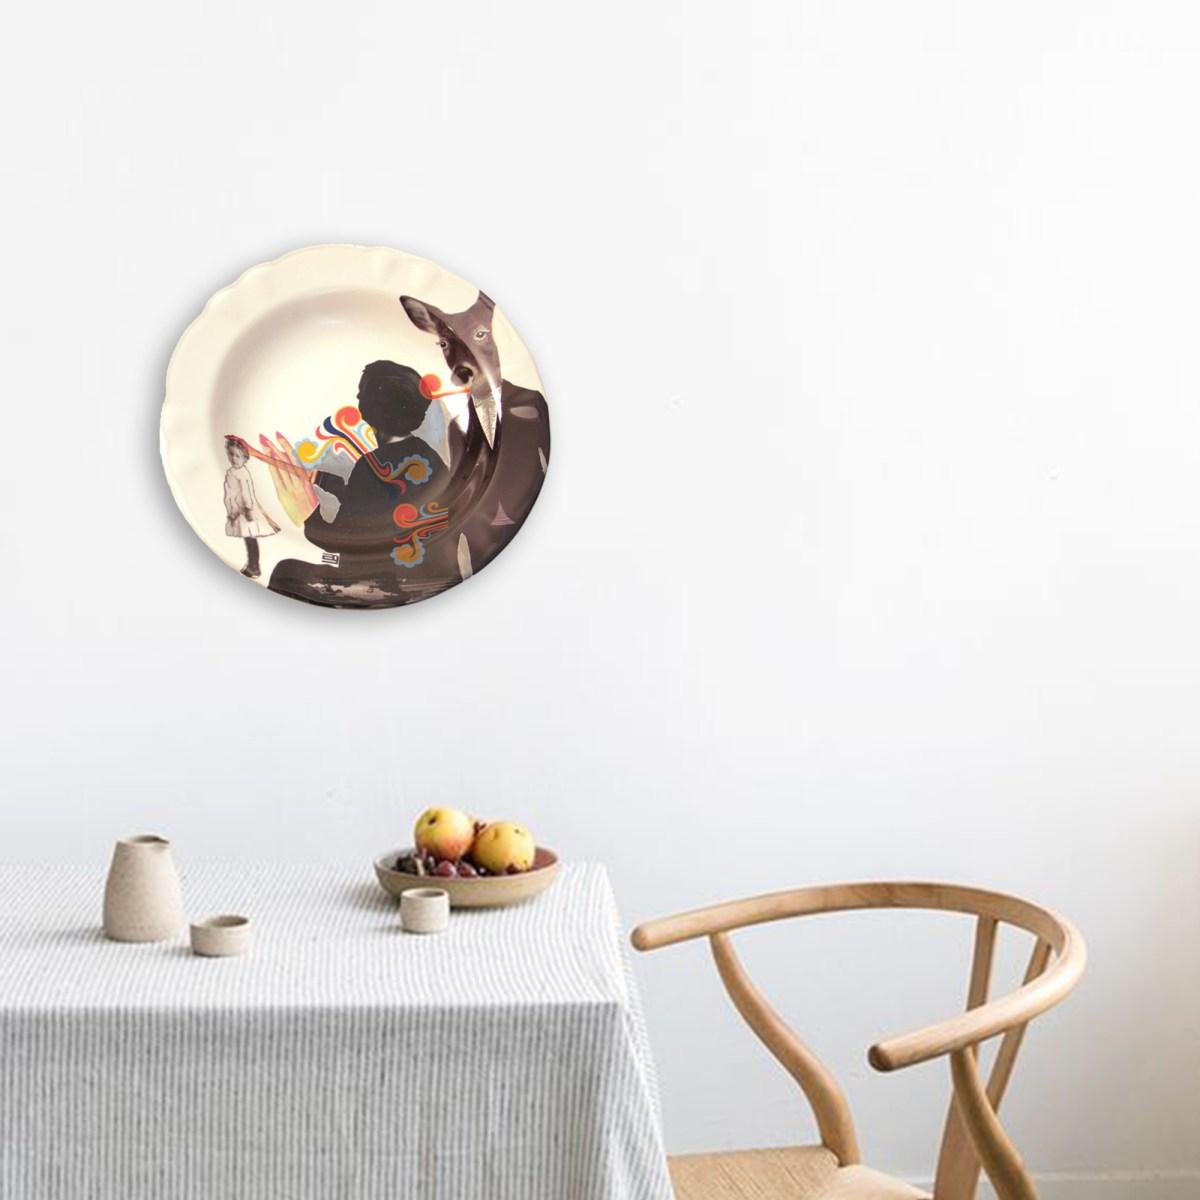 Obra en cerámica de Ana Gomez decorando pared de comedor